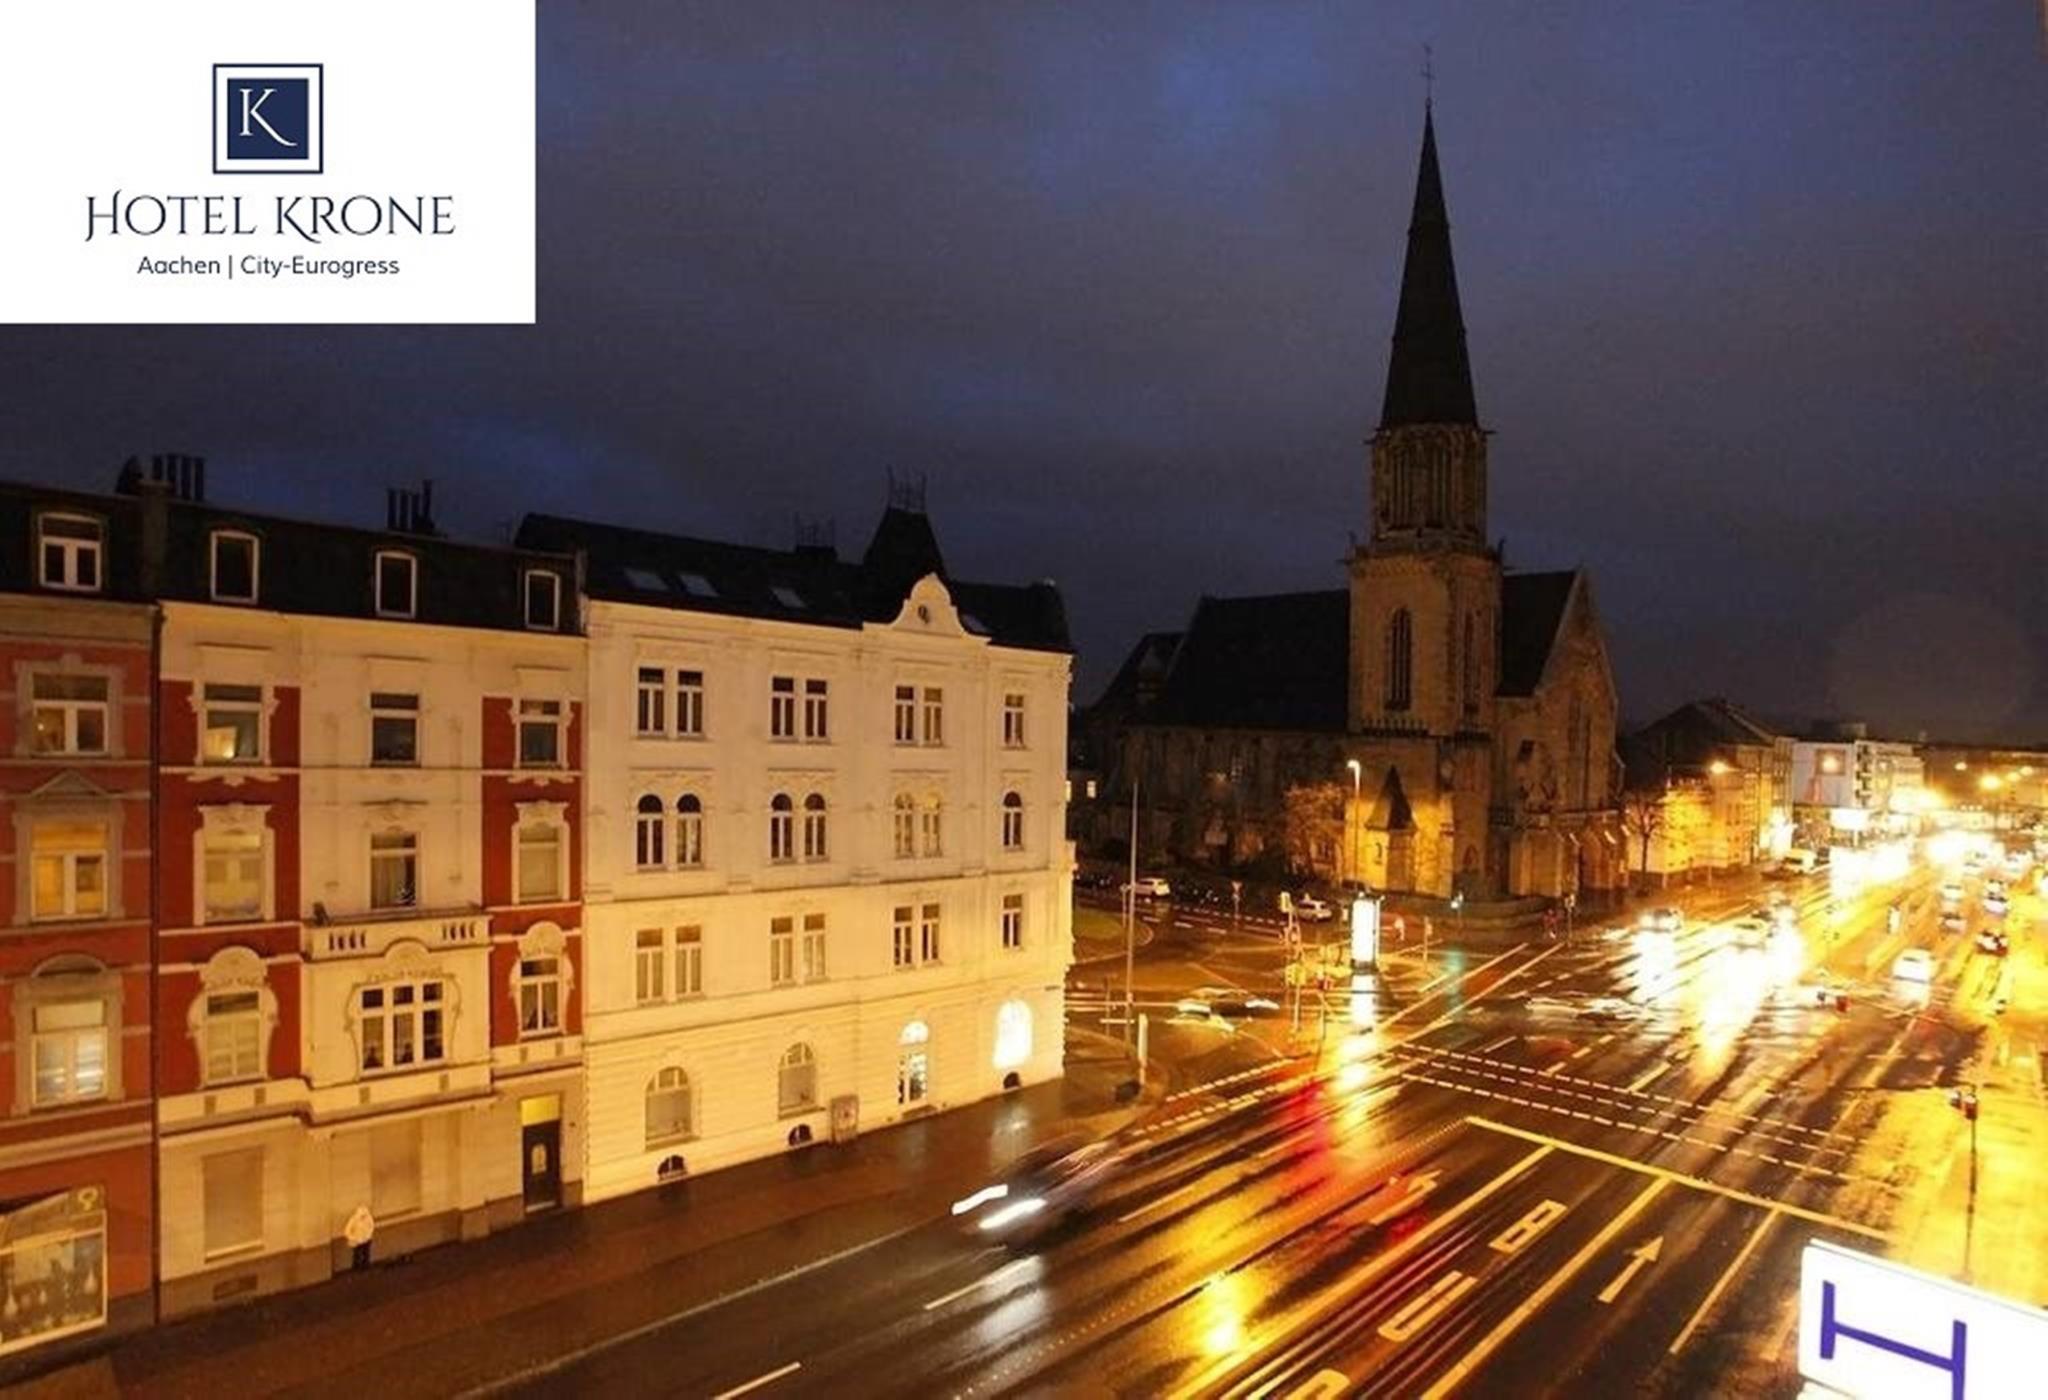 Hotel Krone Aachen   City Eurogress